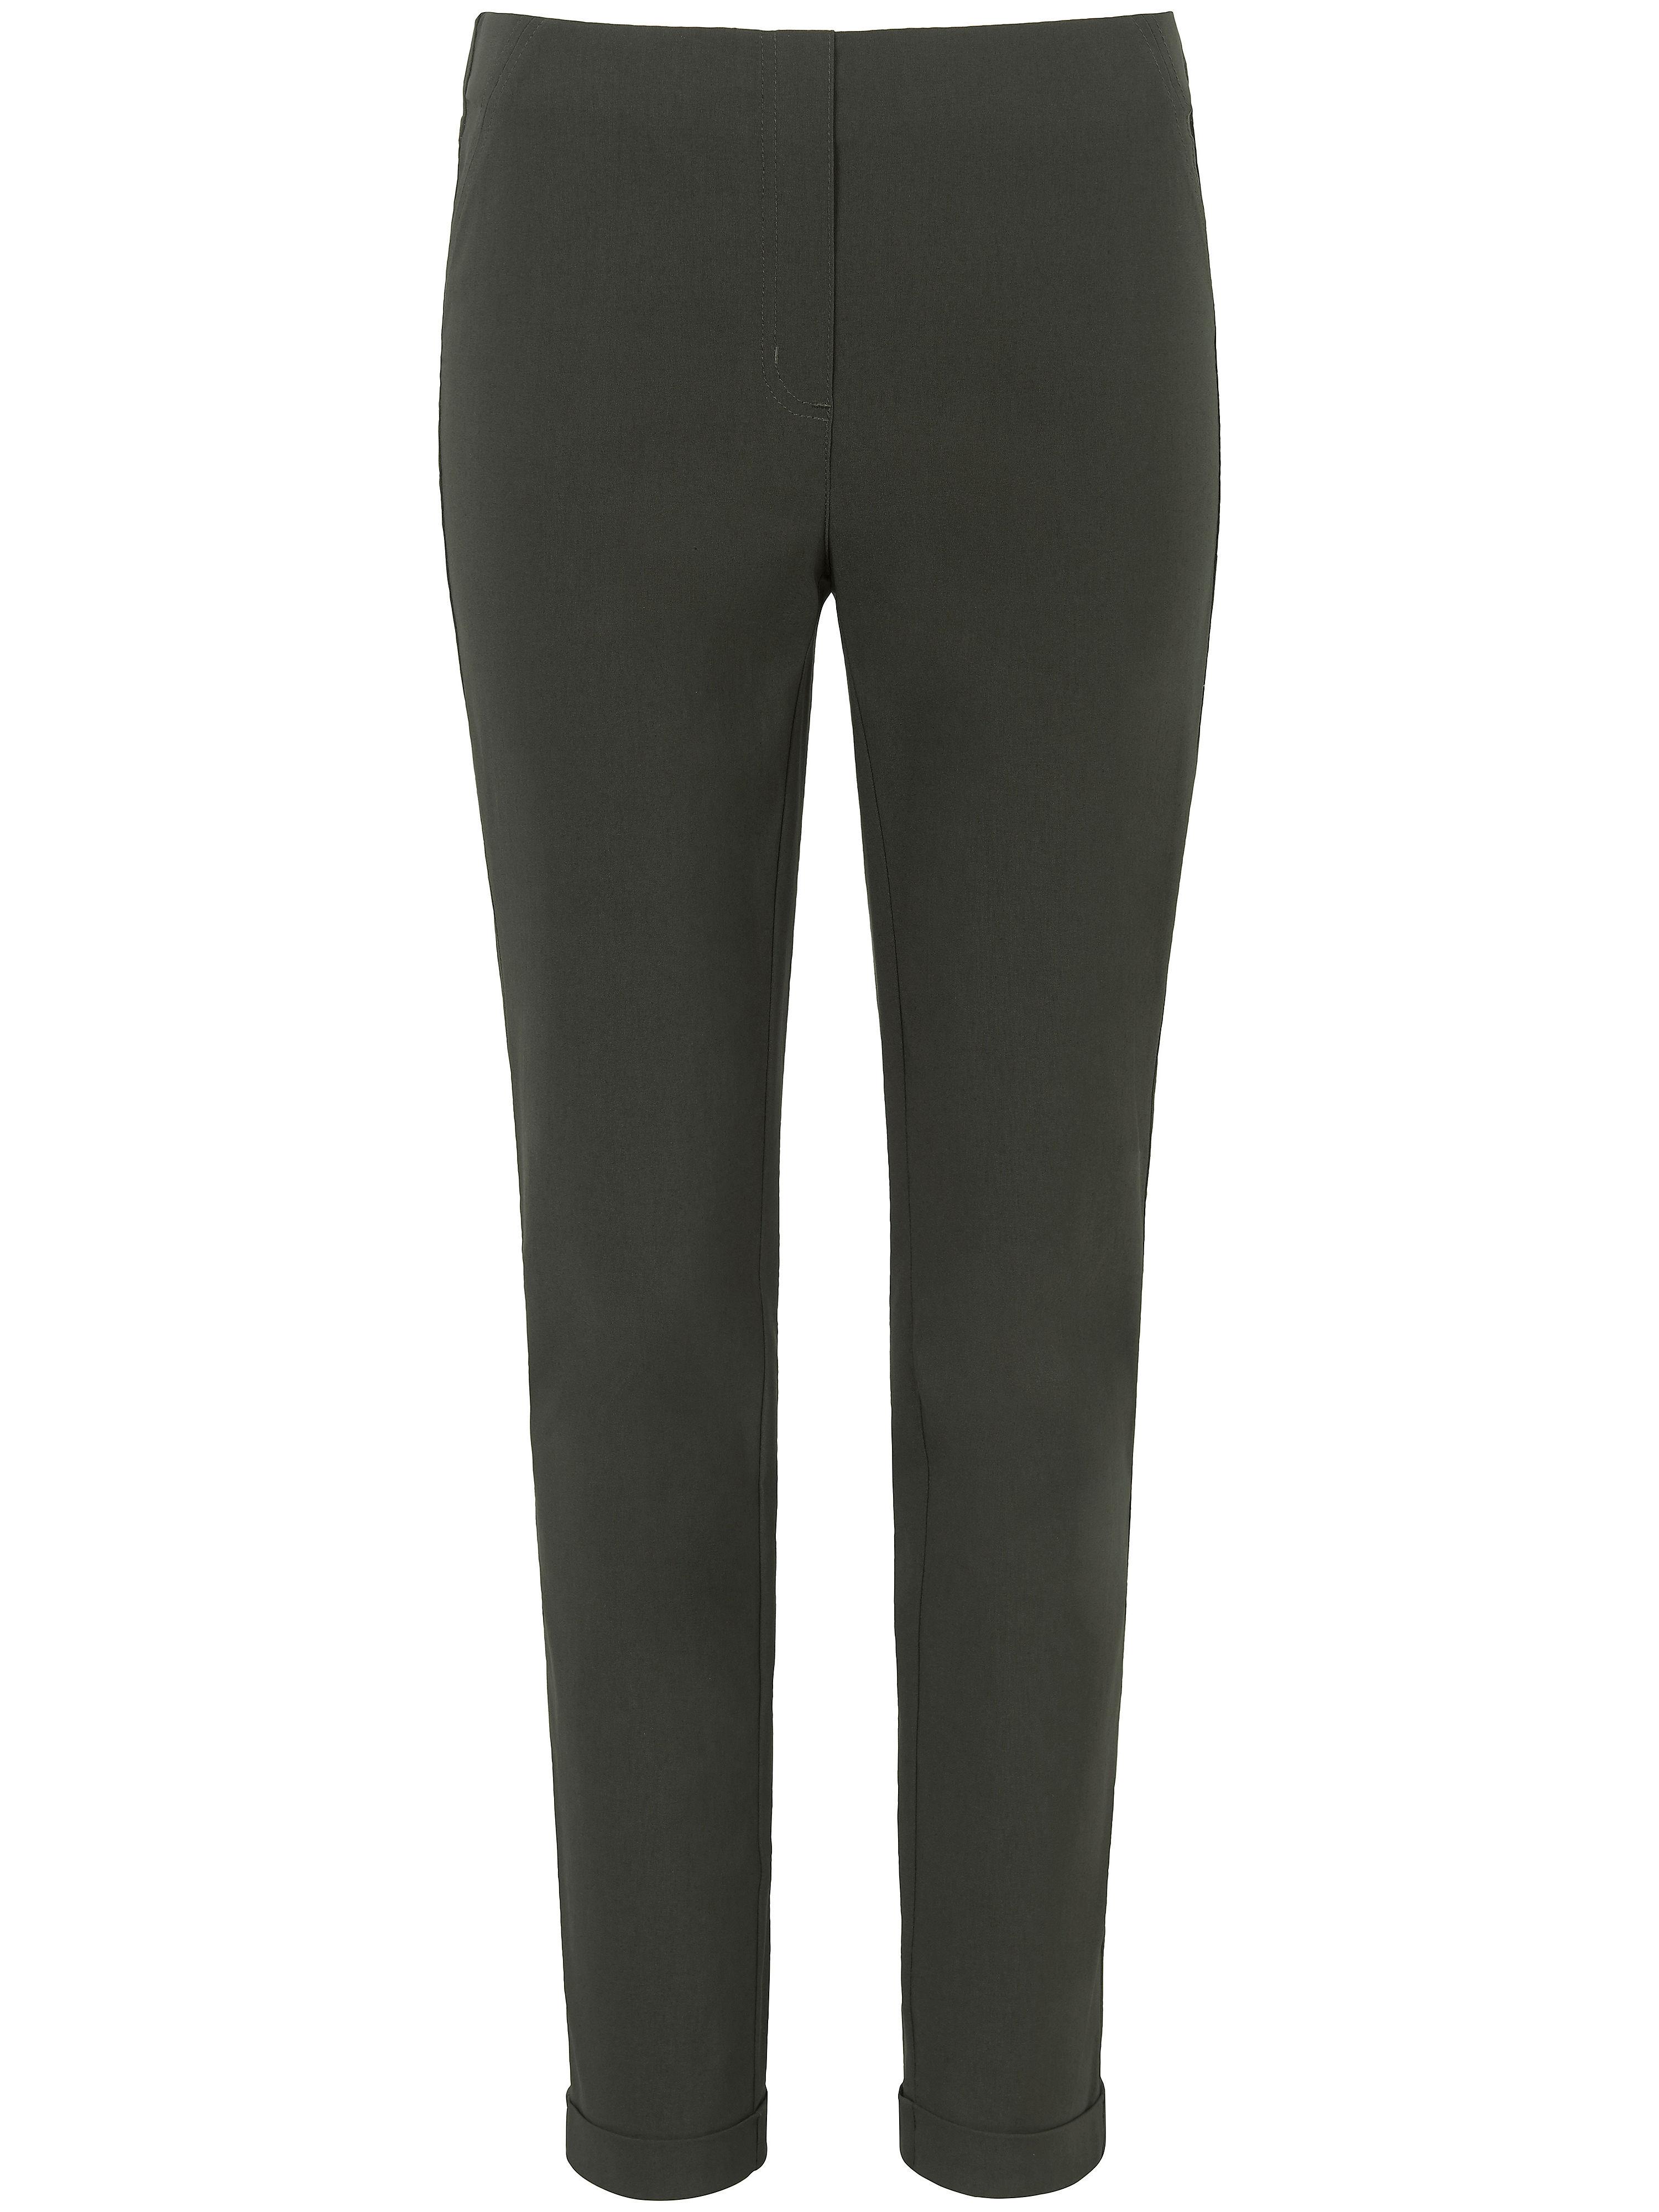 Le pantalon 7/8  Peter Hahn vert taille 23